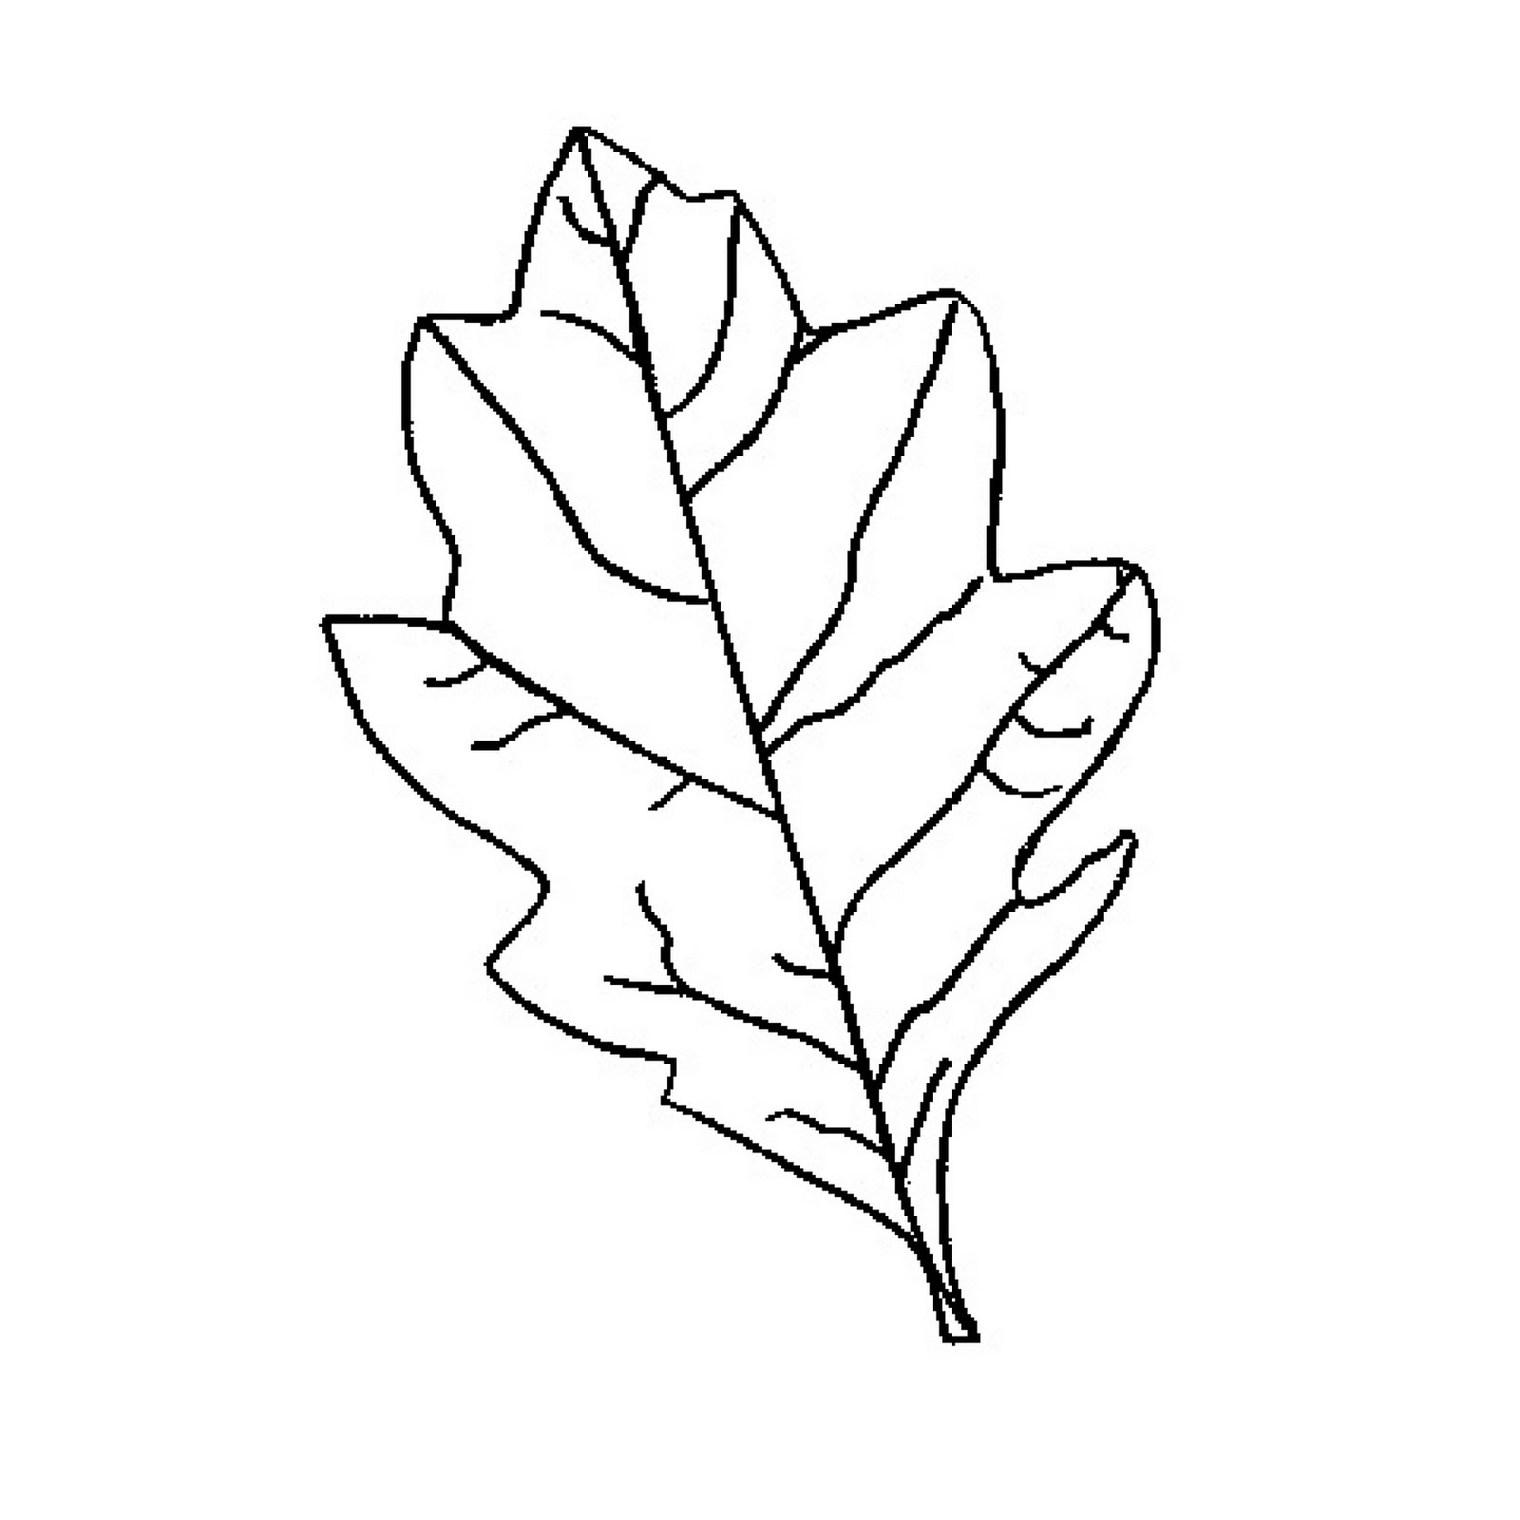 Oak Leaf Outline Group With 80+ Items - Free Printable Oak Leaf Patterns